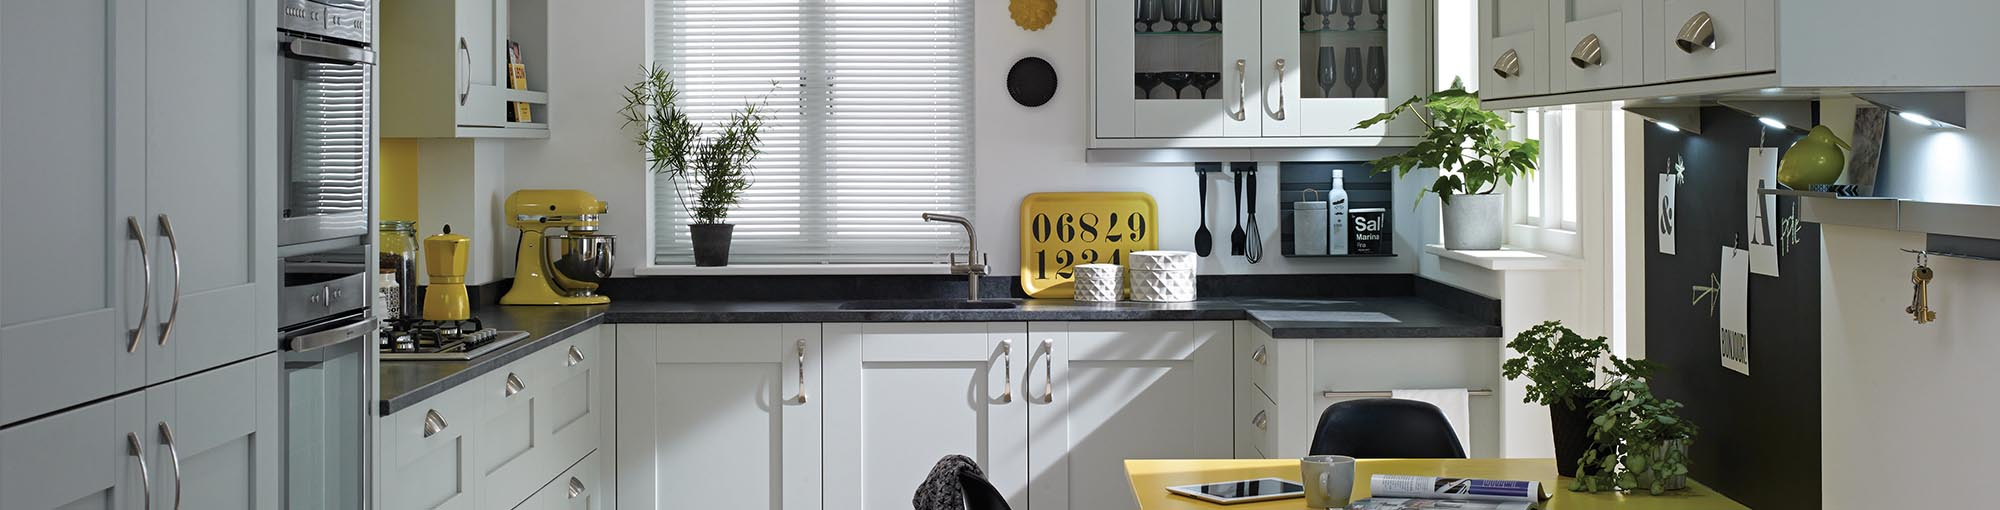 Millbourne-Partridge classic kitchen doors